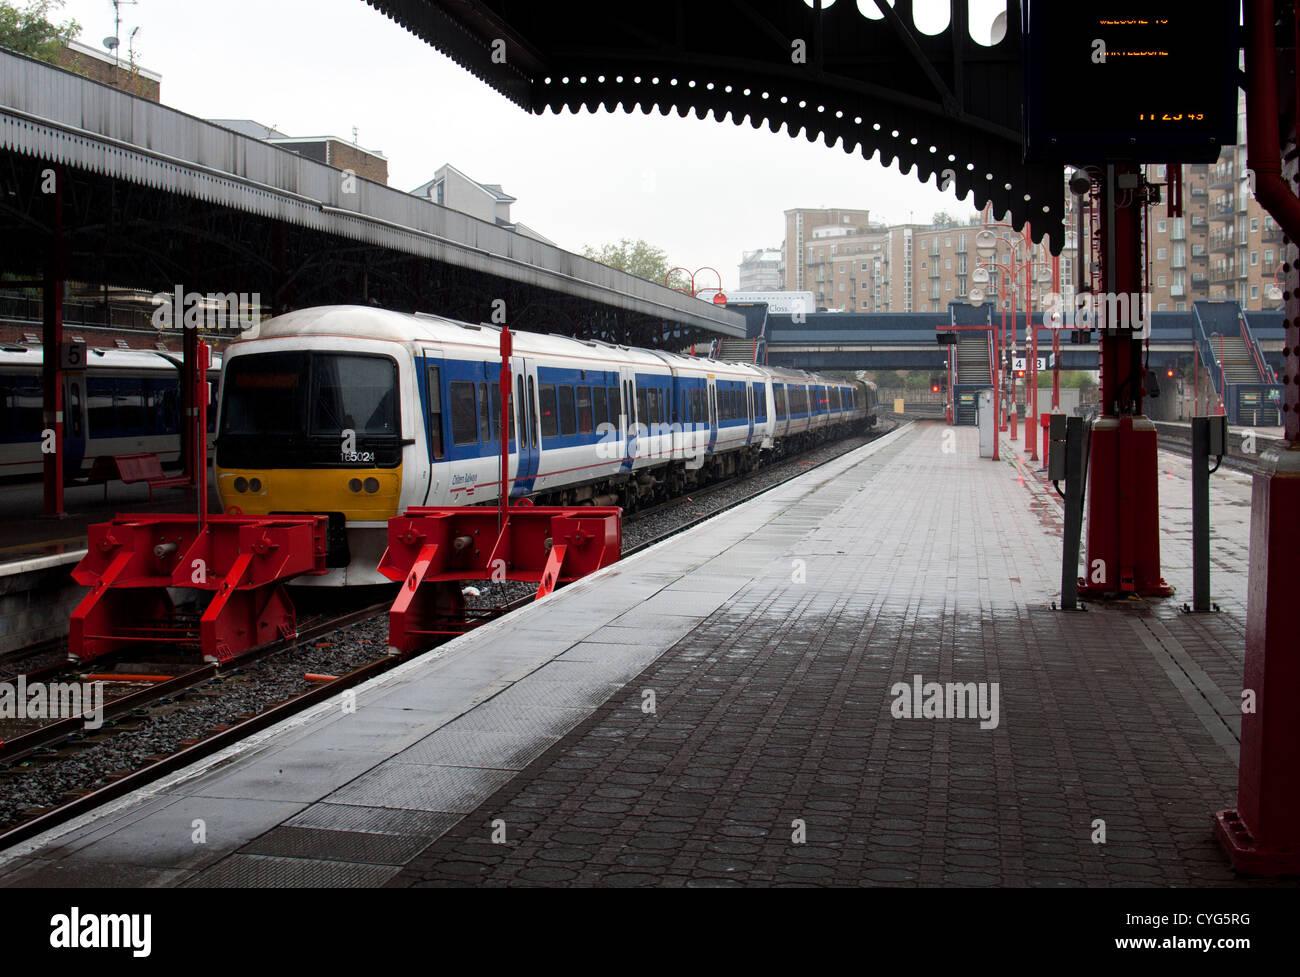 Marylebone railway station, London, UK - Stock Image